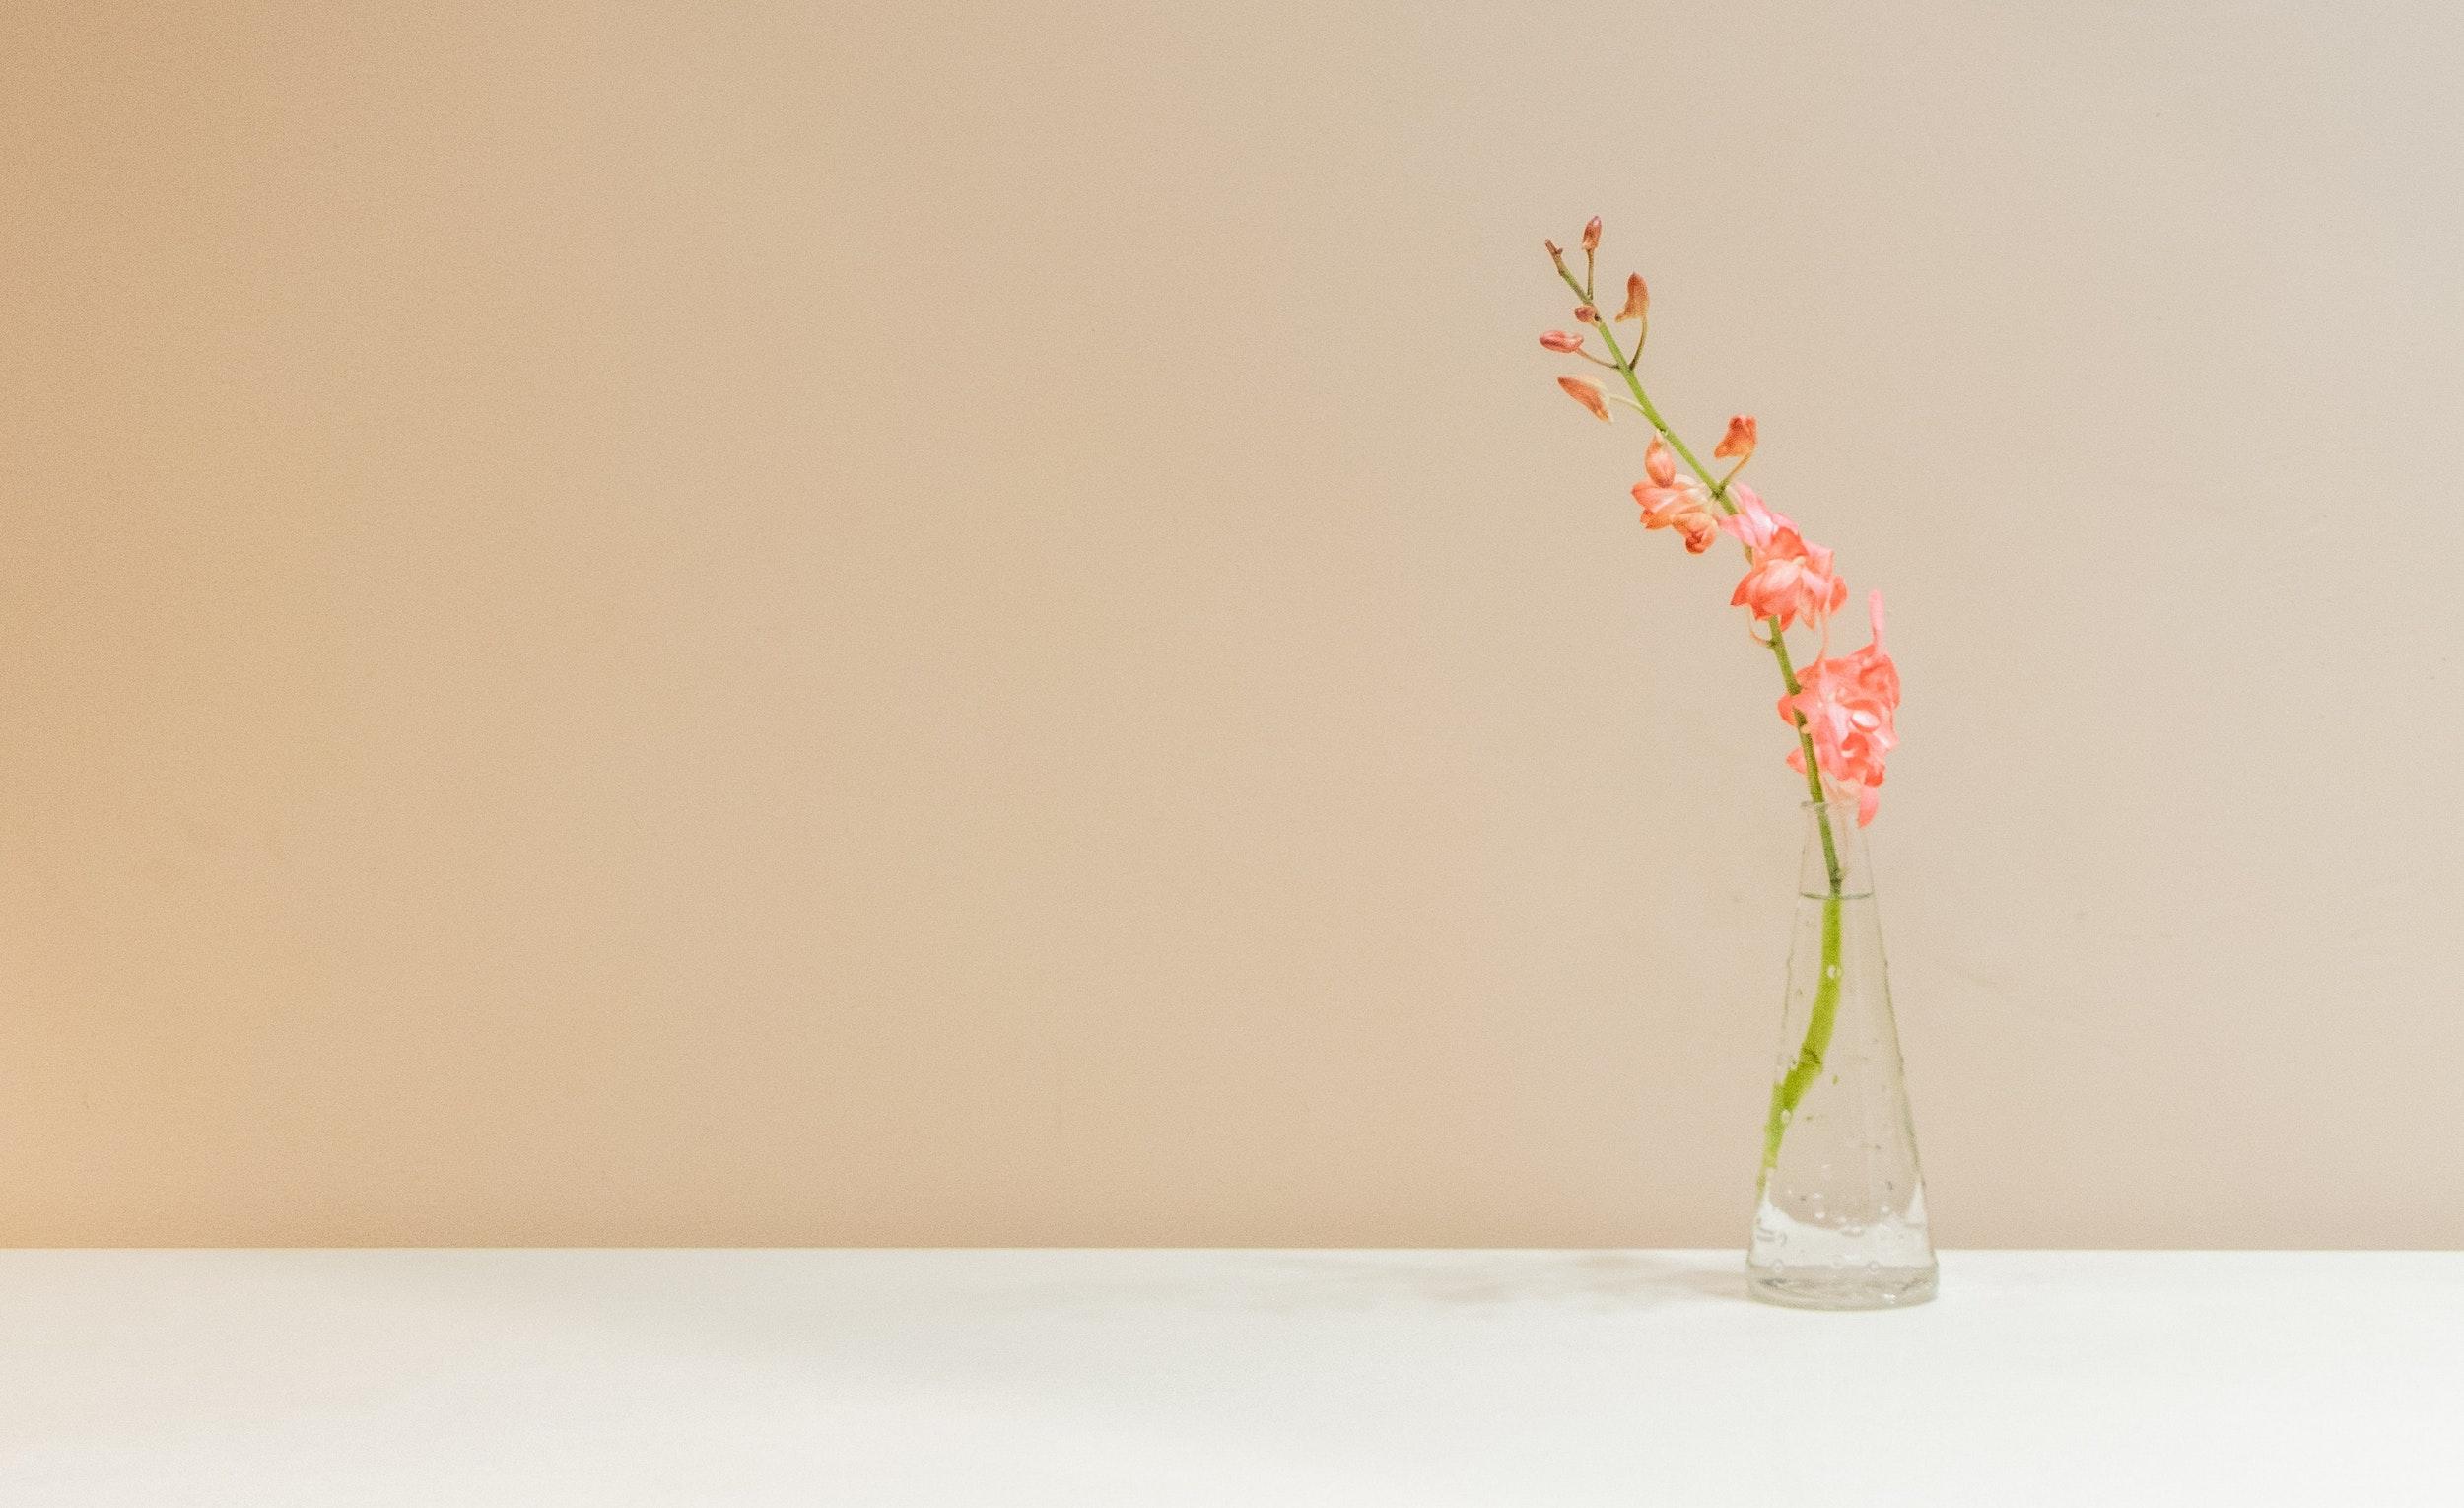 Cutting Through Indecision & Overthinking - zen habits